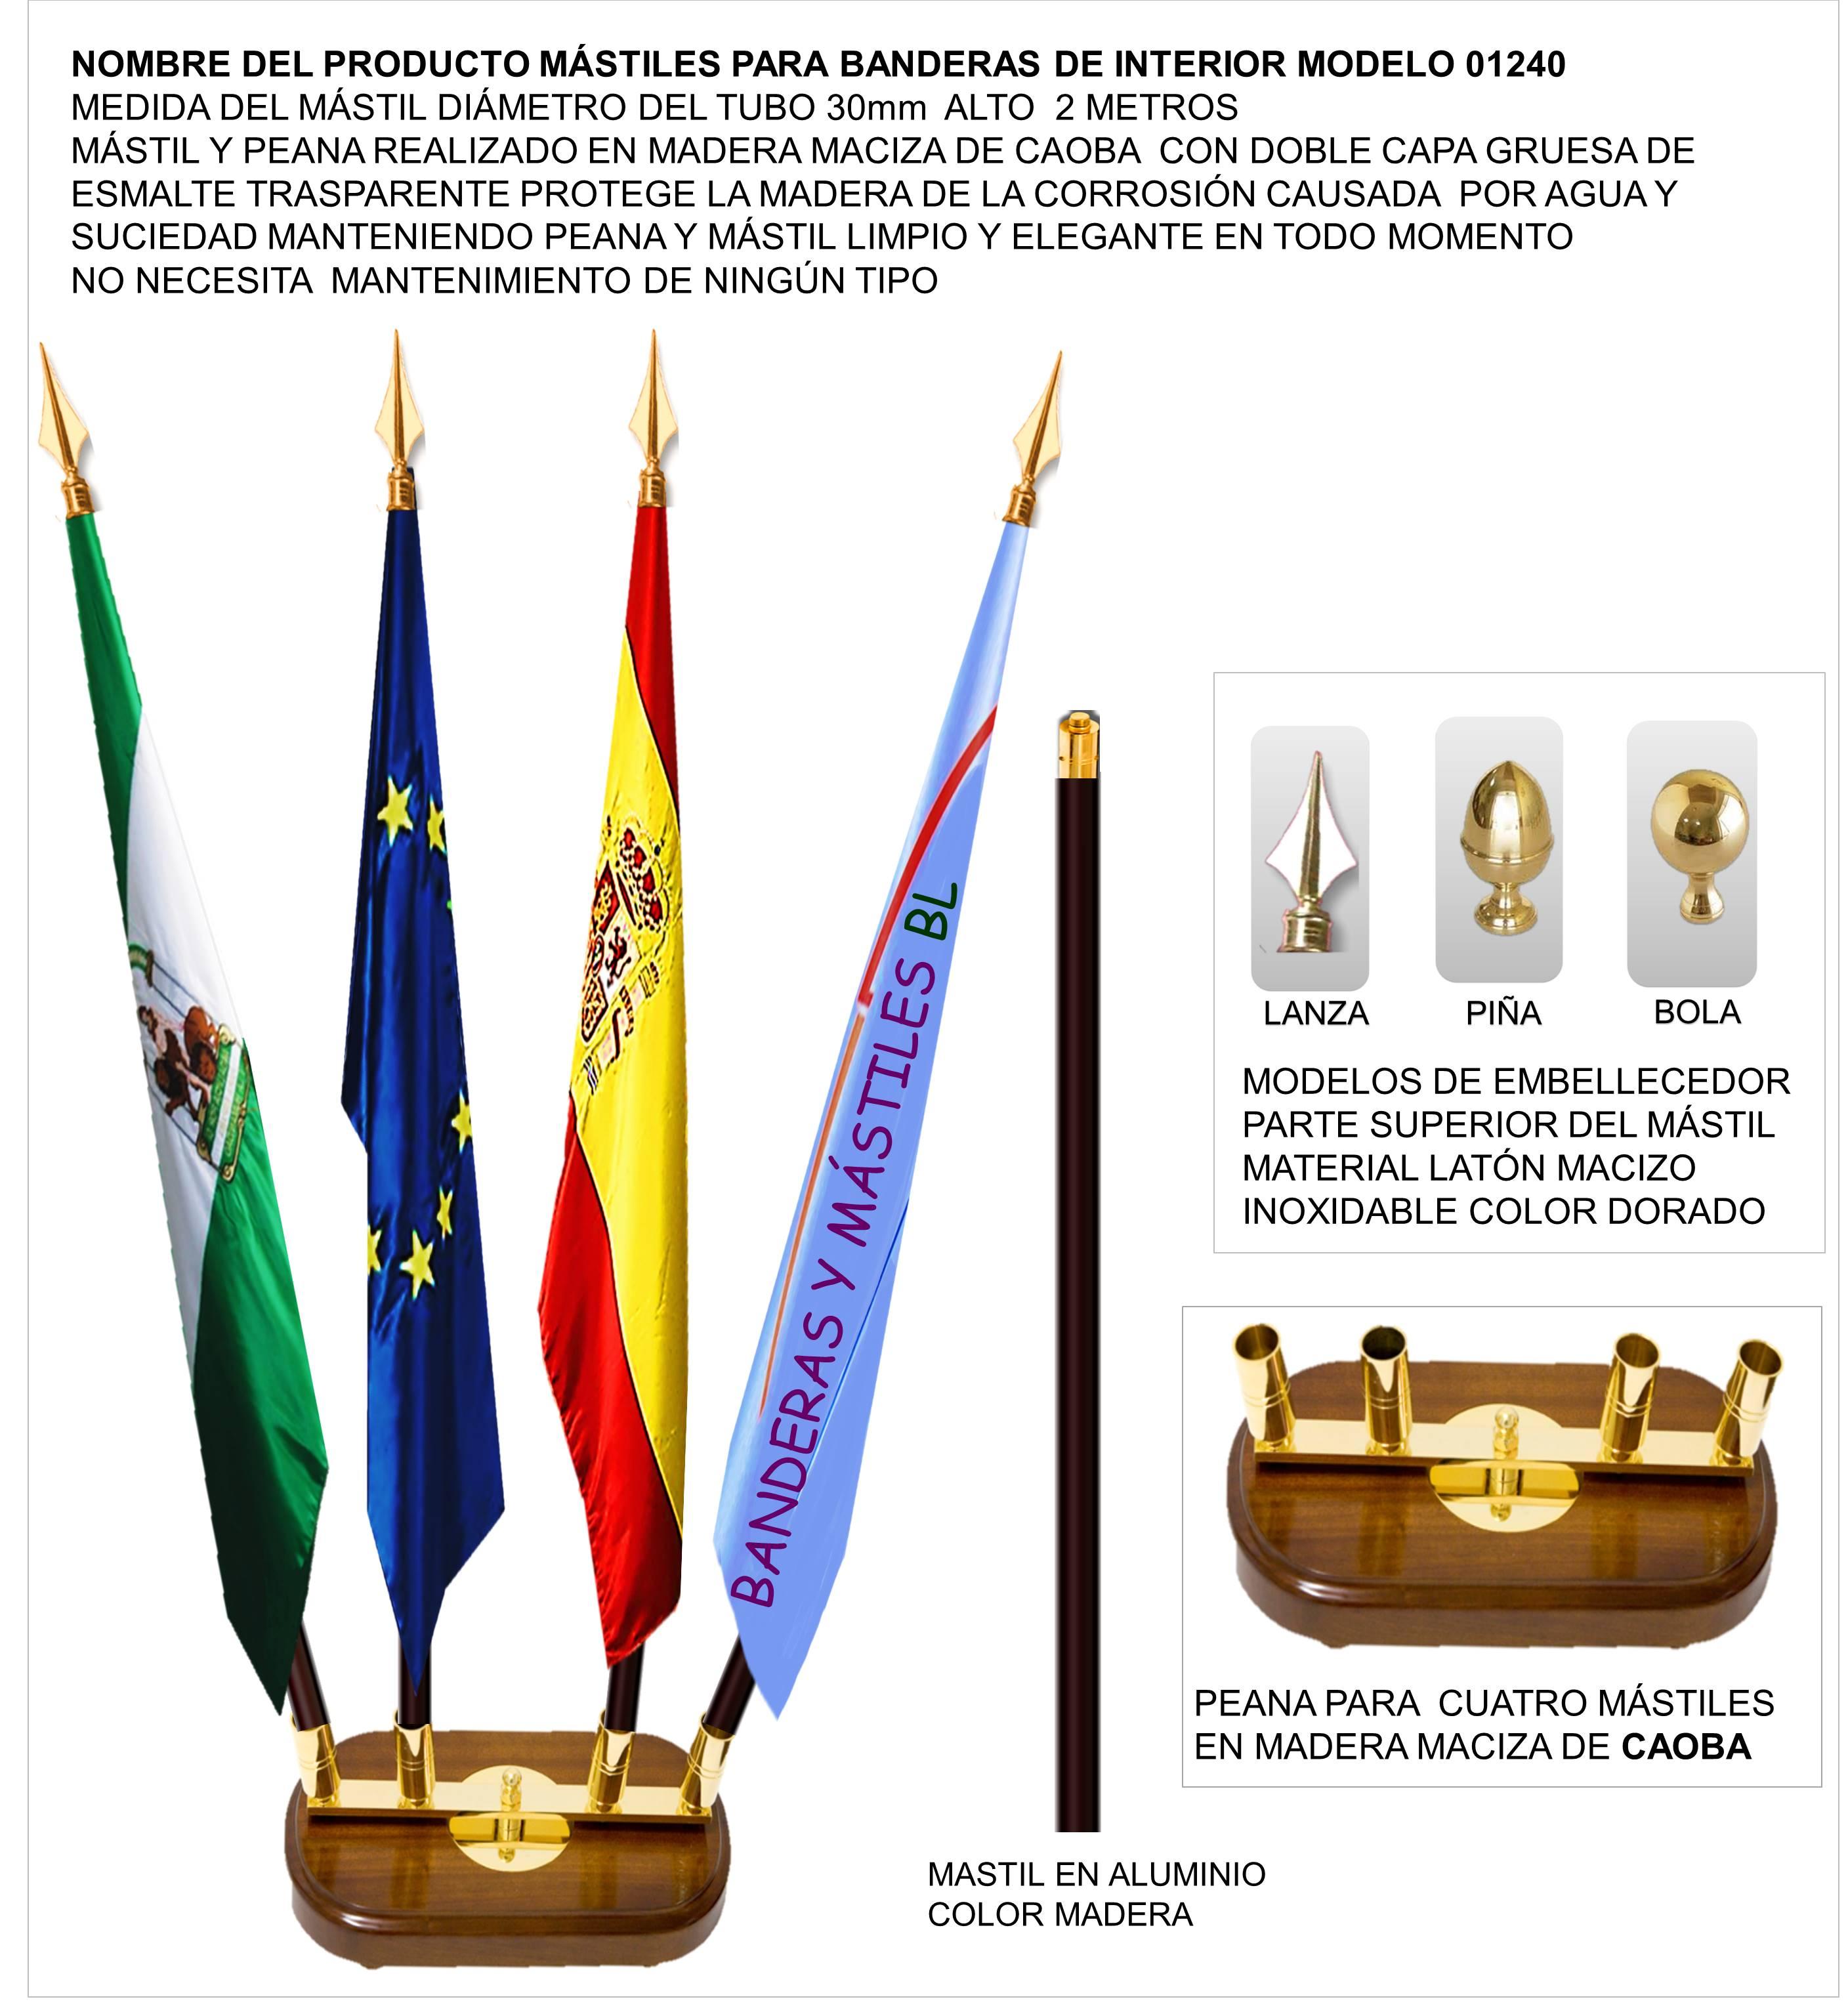 Mastiles de Madera para banderas de interior